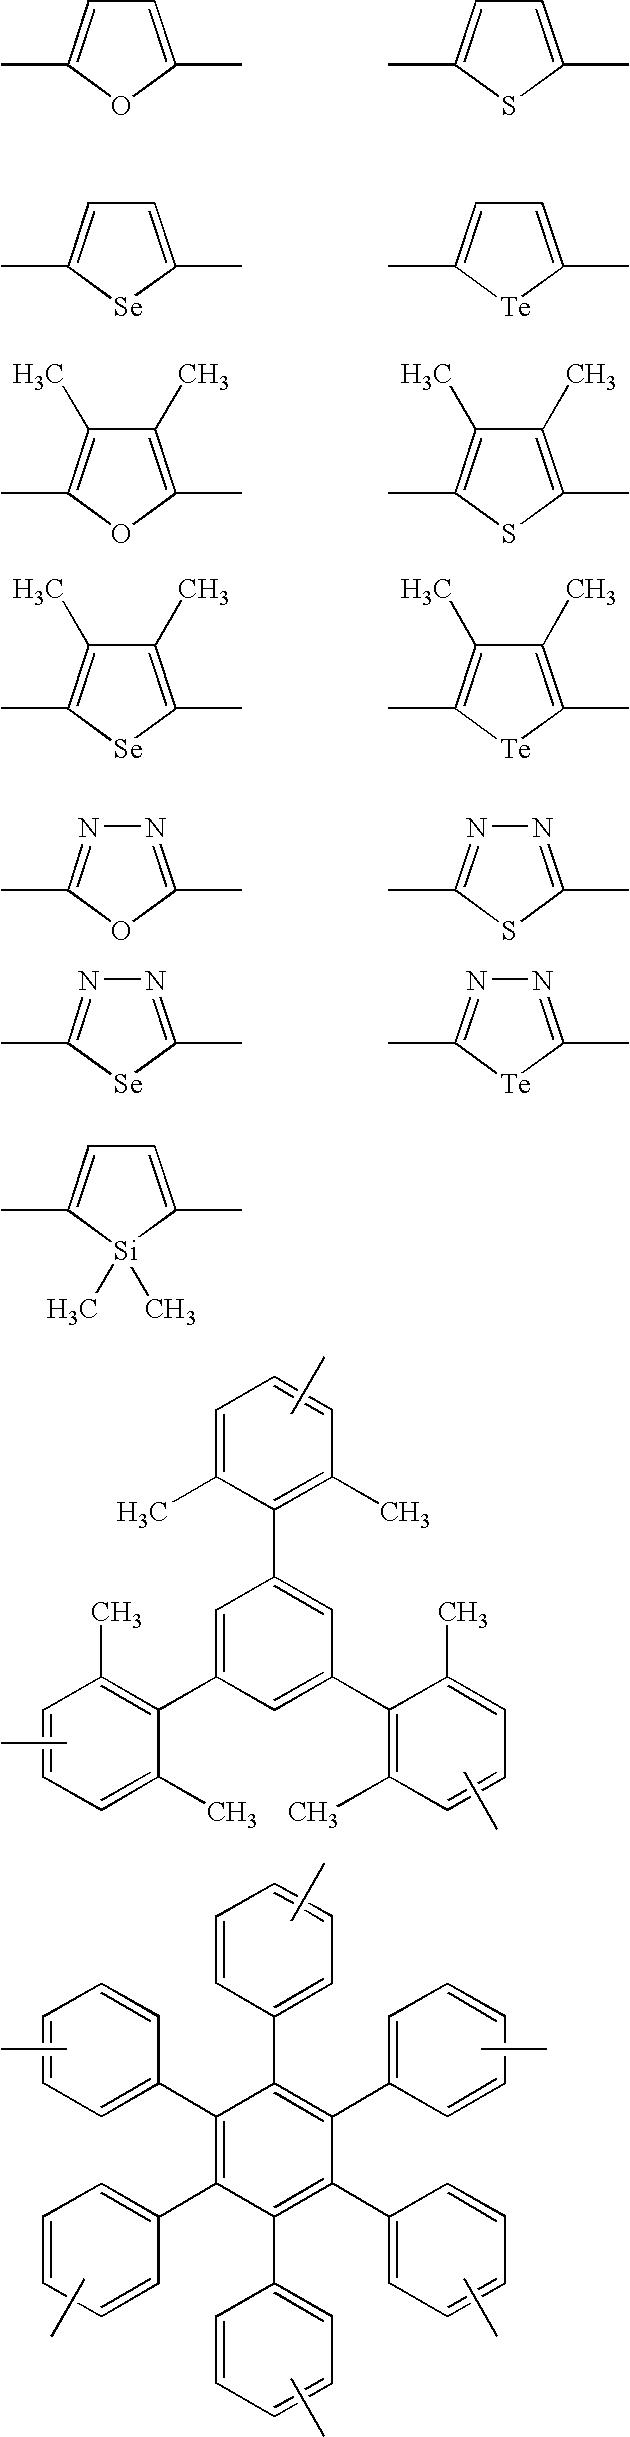 Figure US20060134464A1-20060622-C00022